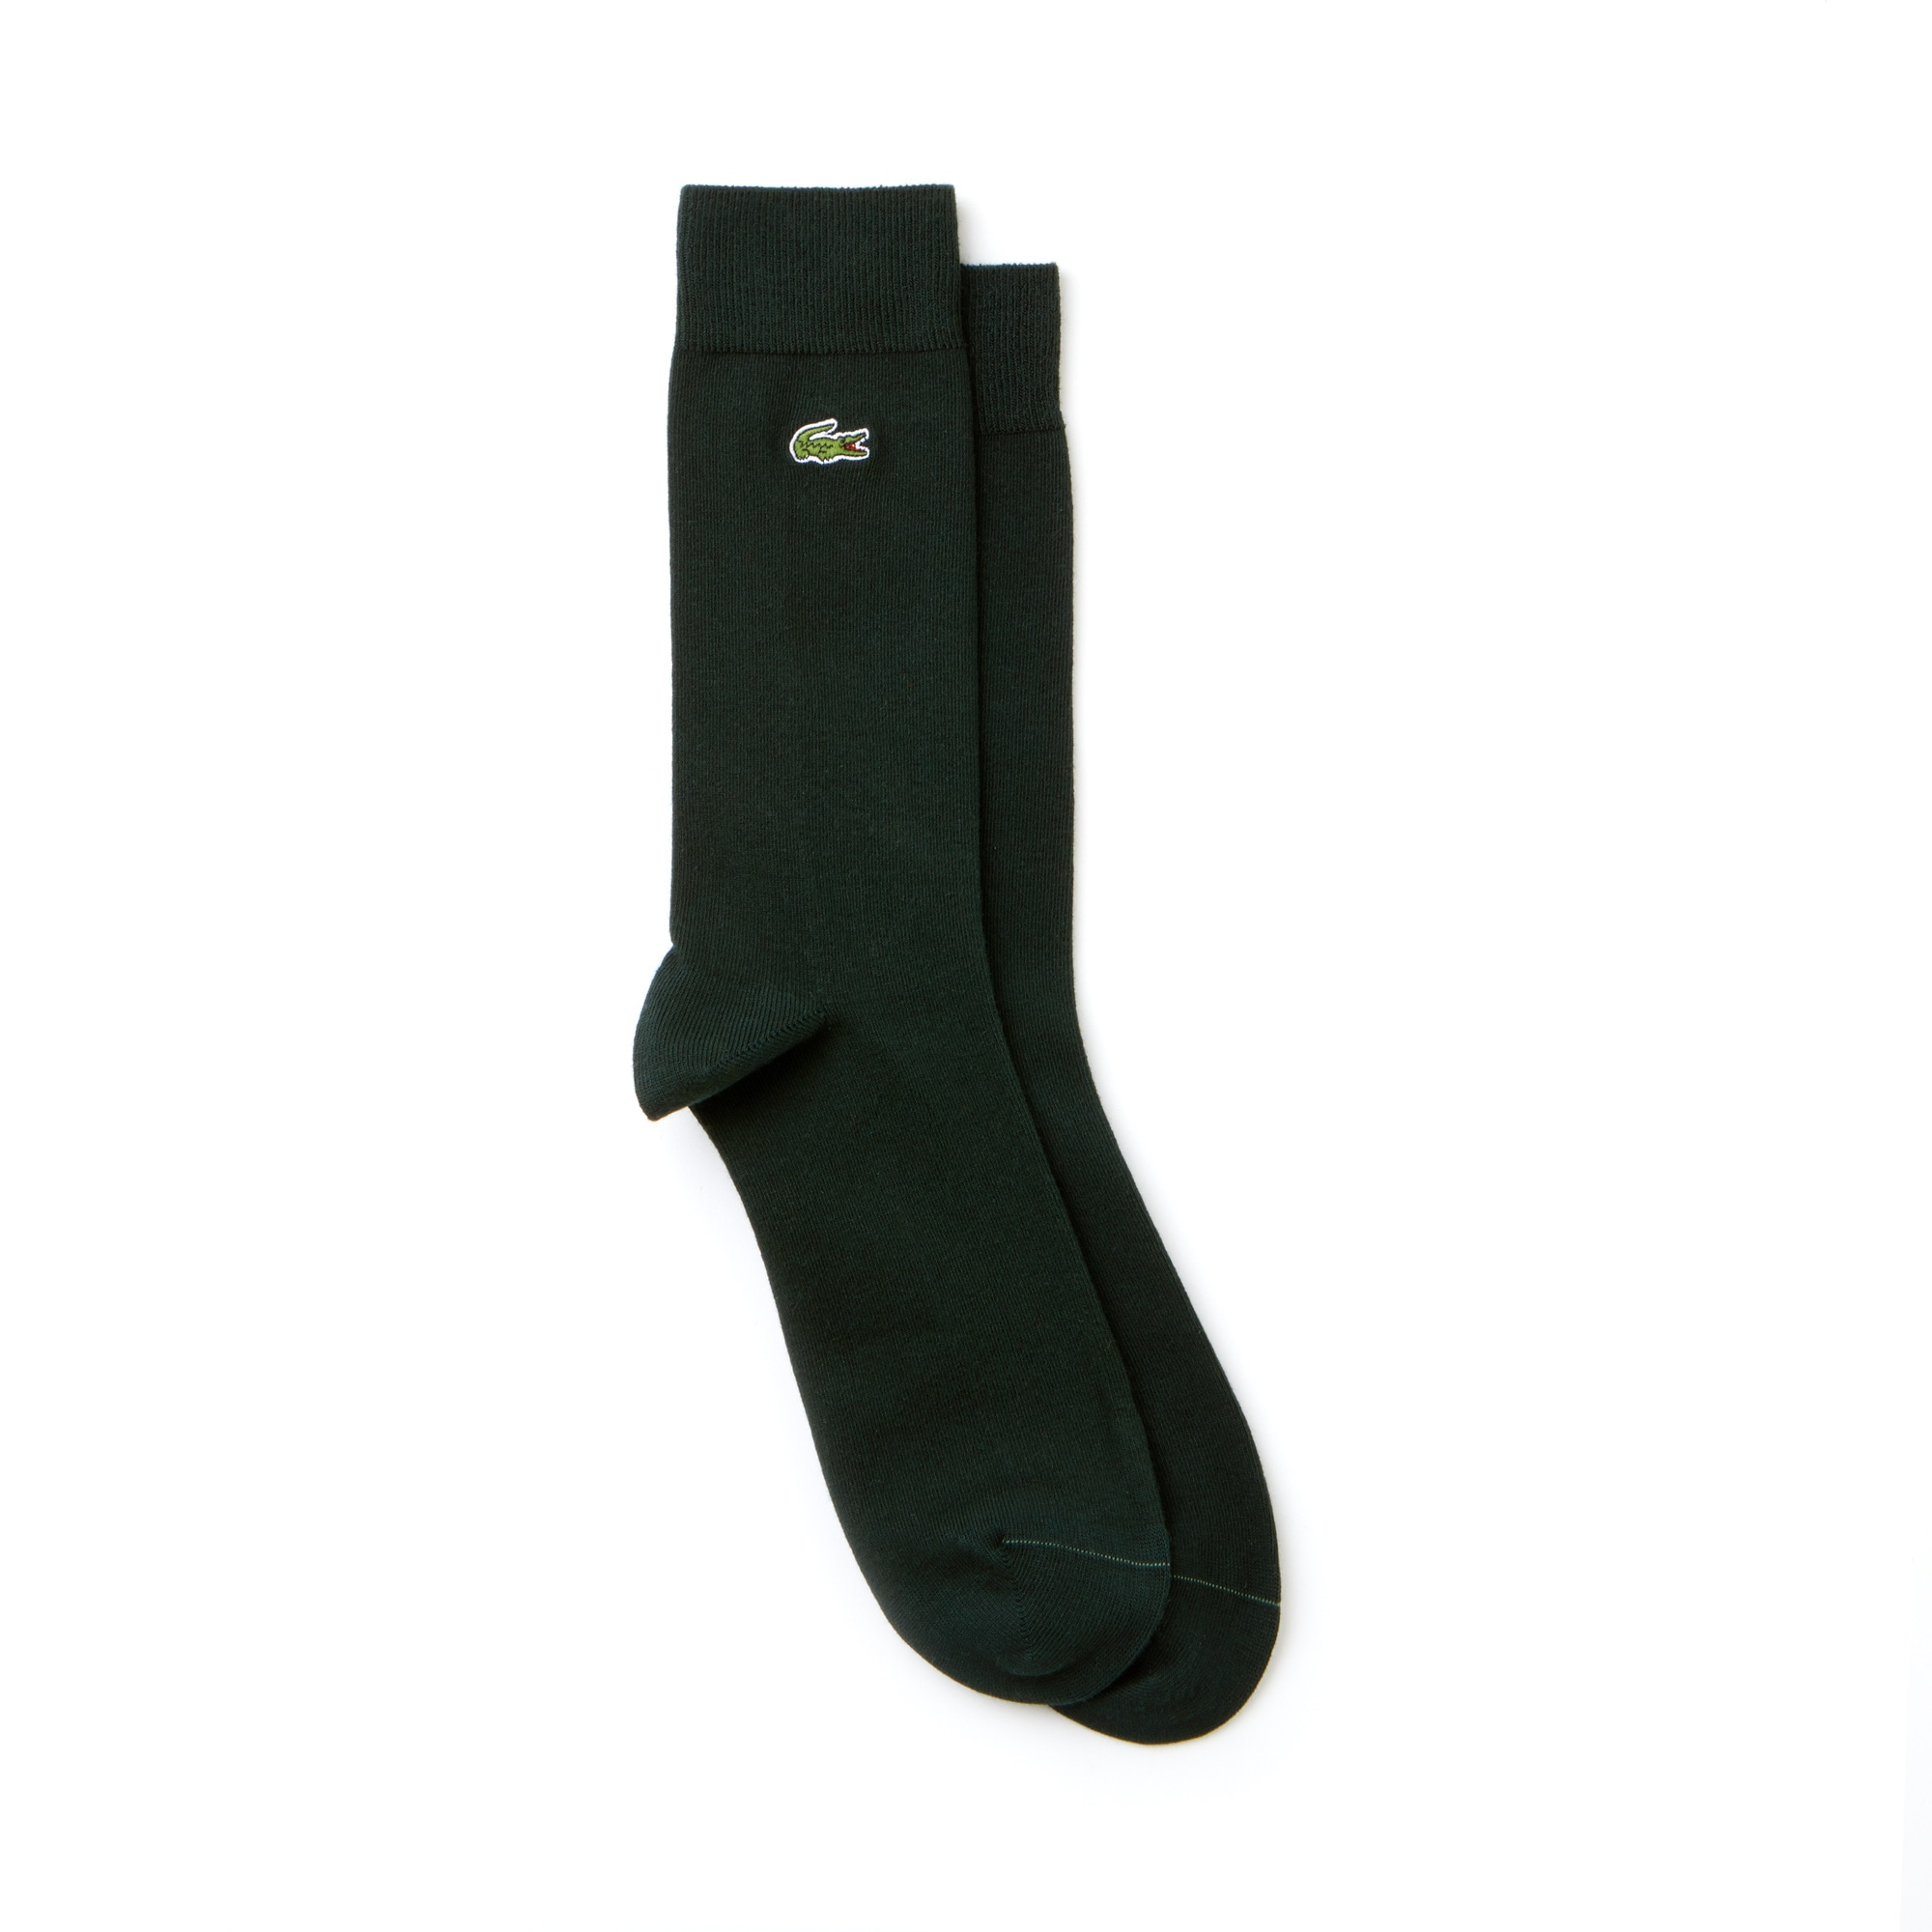 Men's Unicolor Jersey Socks